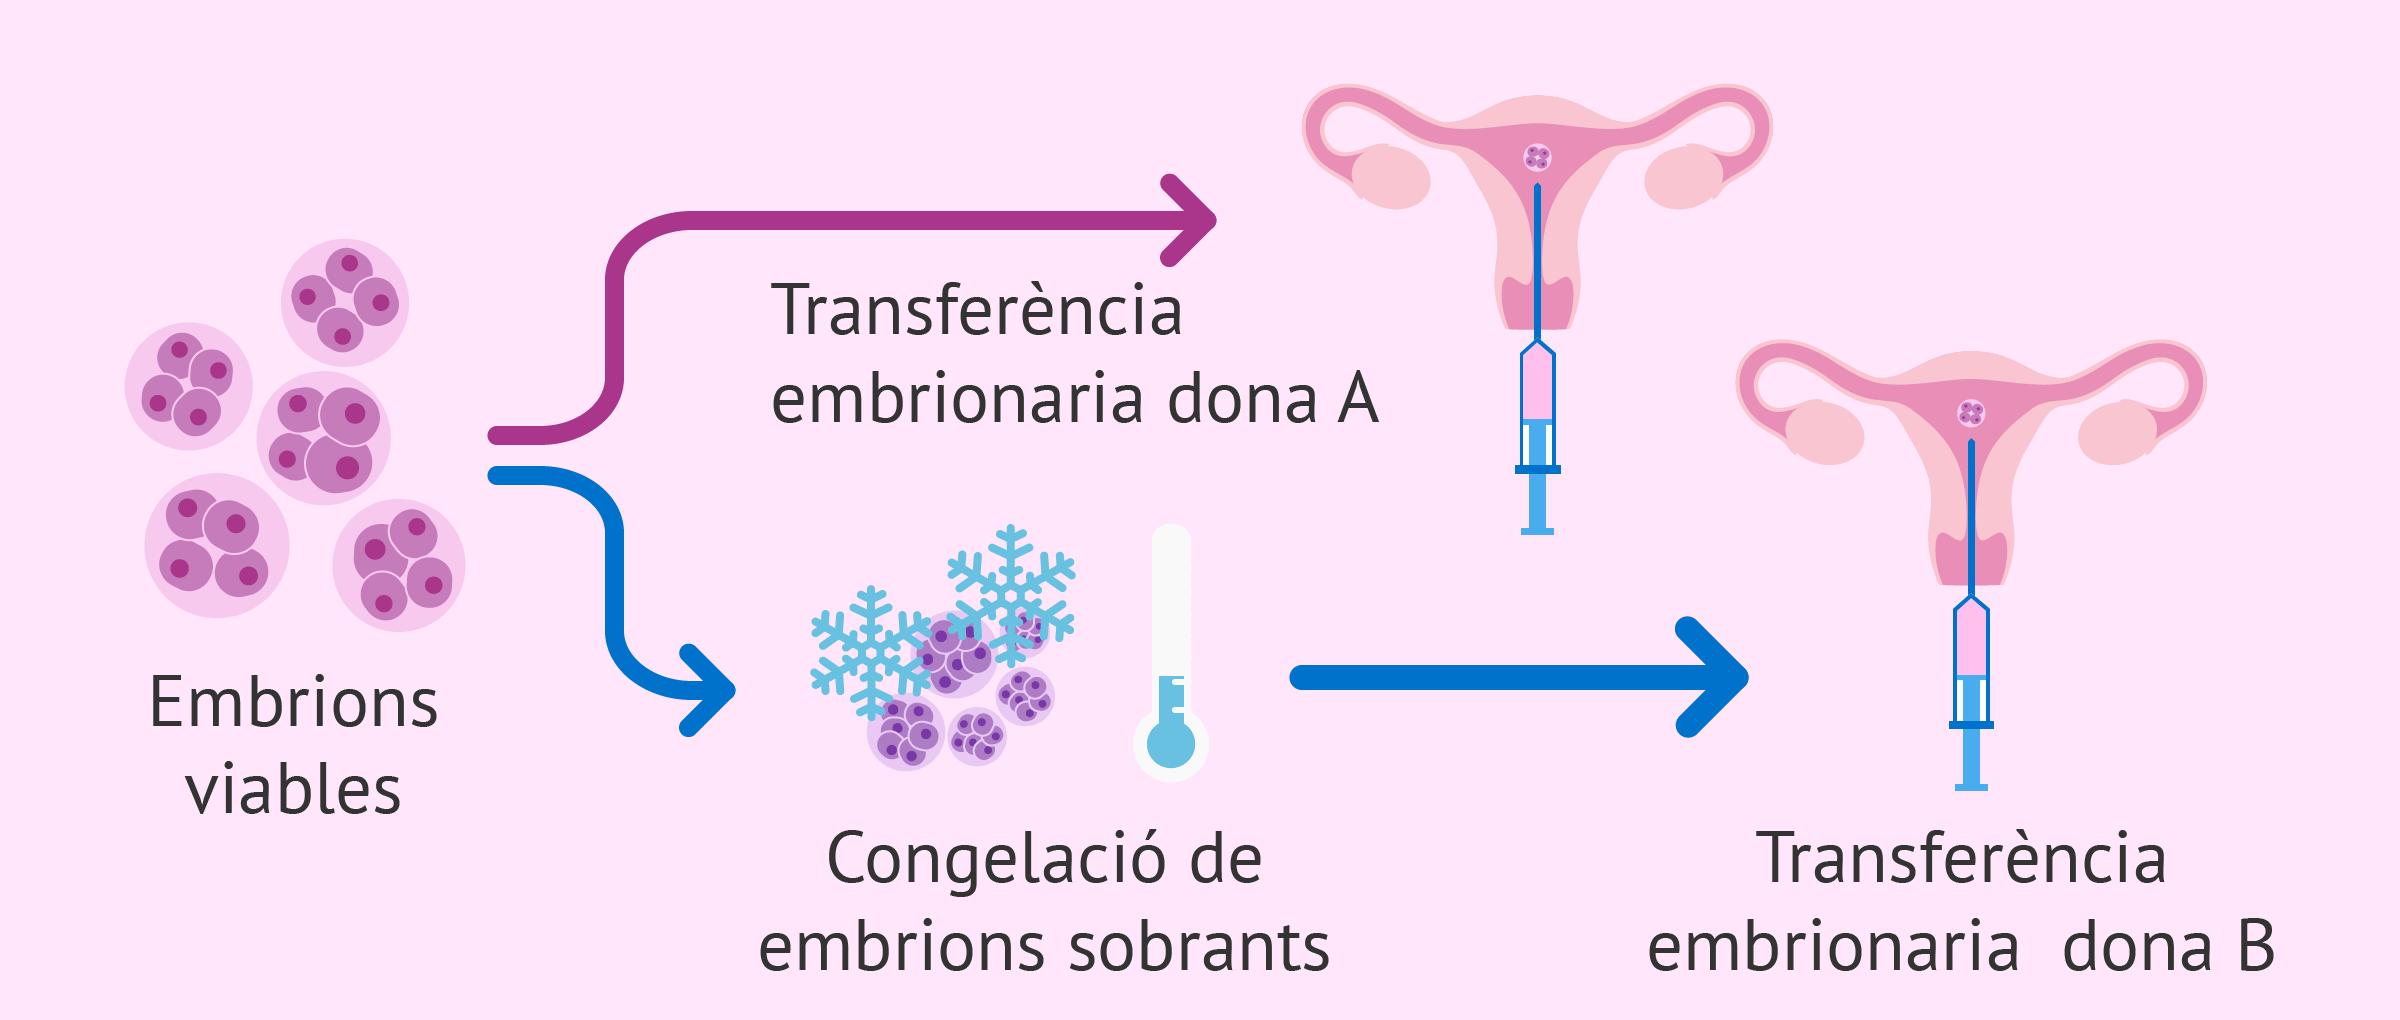 És el mateix la donació que l'adopció d'embrions?